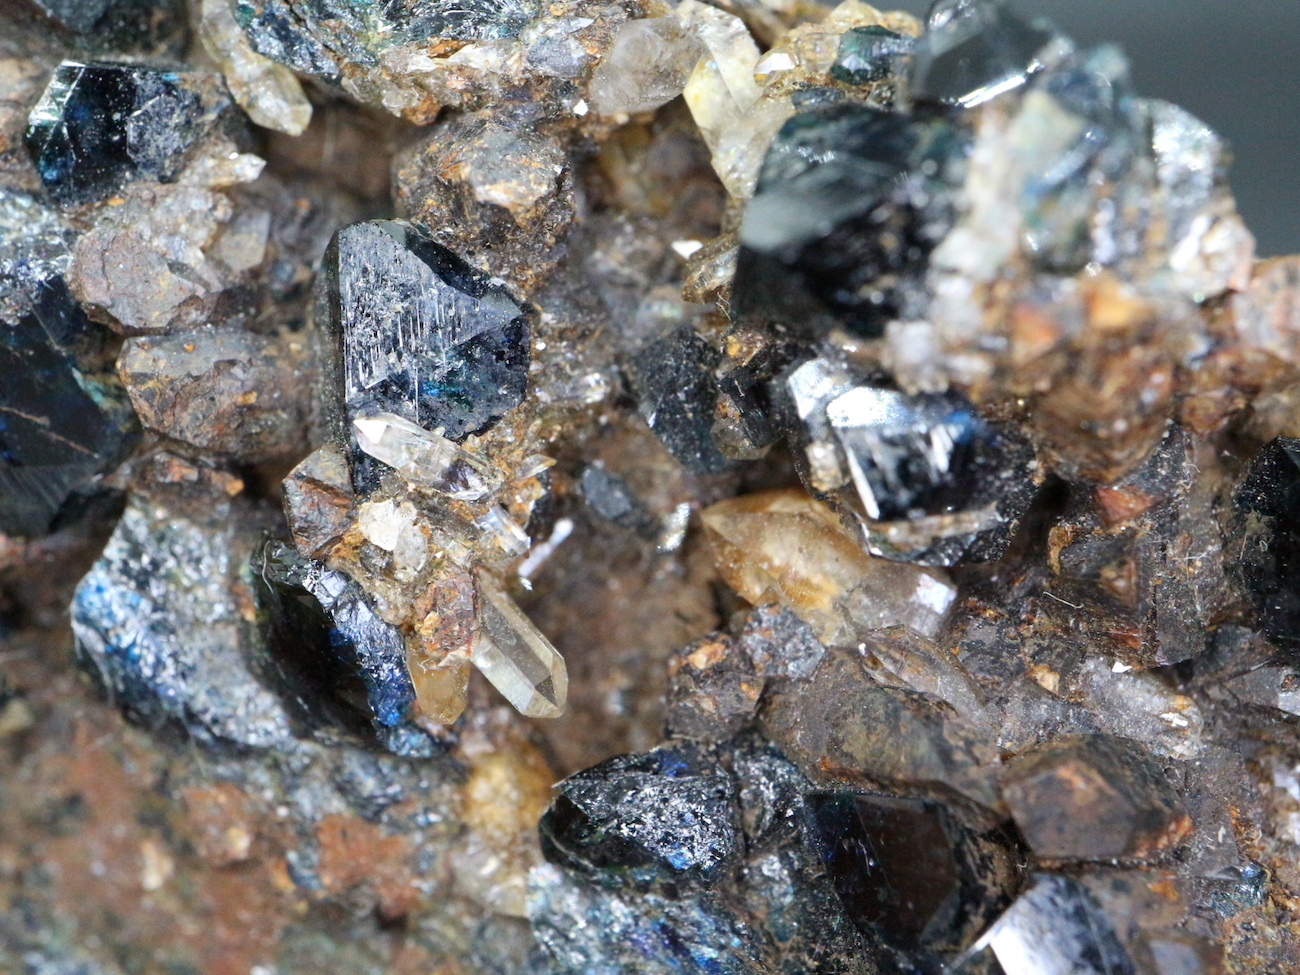 ラズライト天藍石 Lazulite カナダ産 533,8g LZL003  鉱物 天然石 パワーストーン 原石